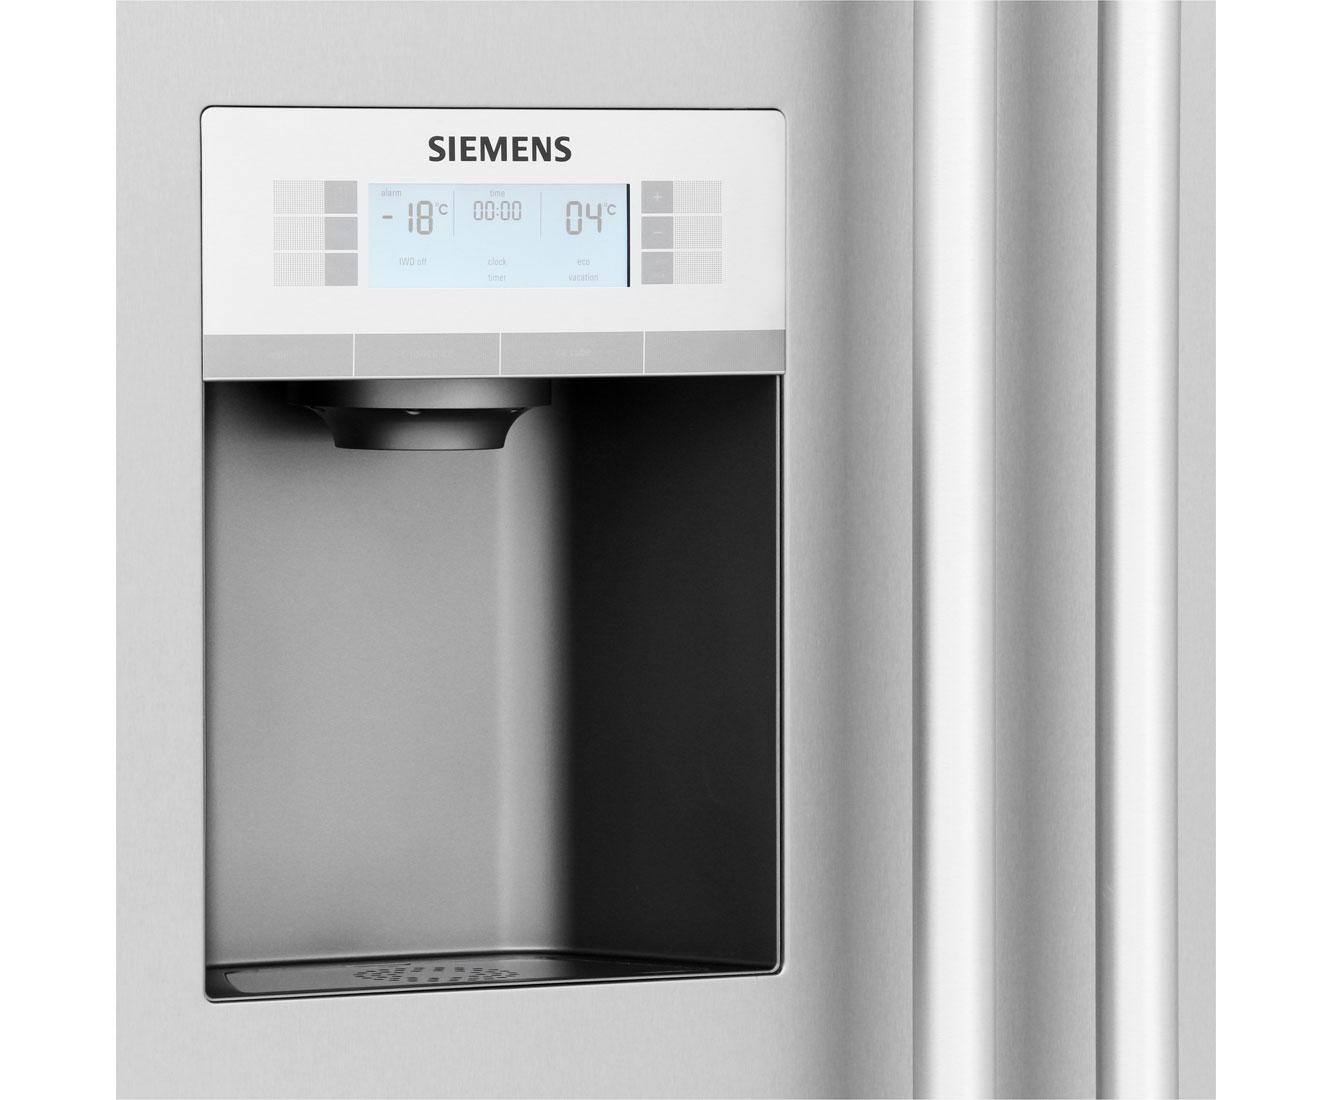 Siemens Kühlschrank Super Knopf : Siemens iq ka dai amerikanischer side by side mit